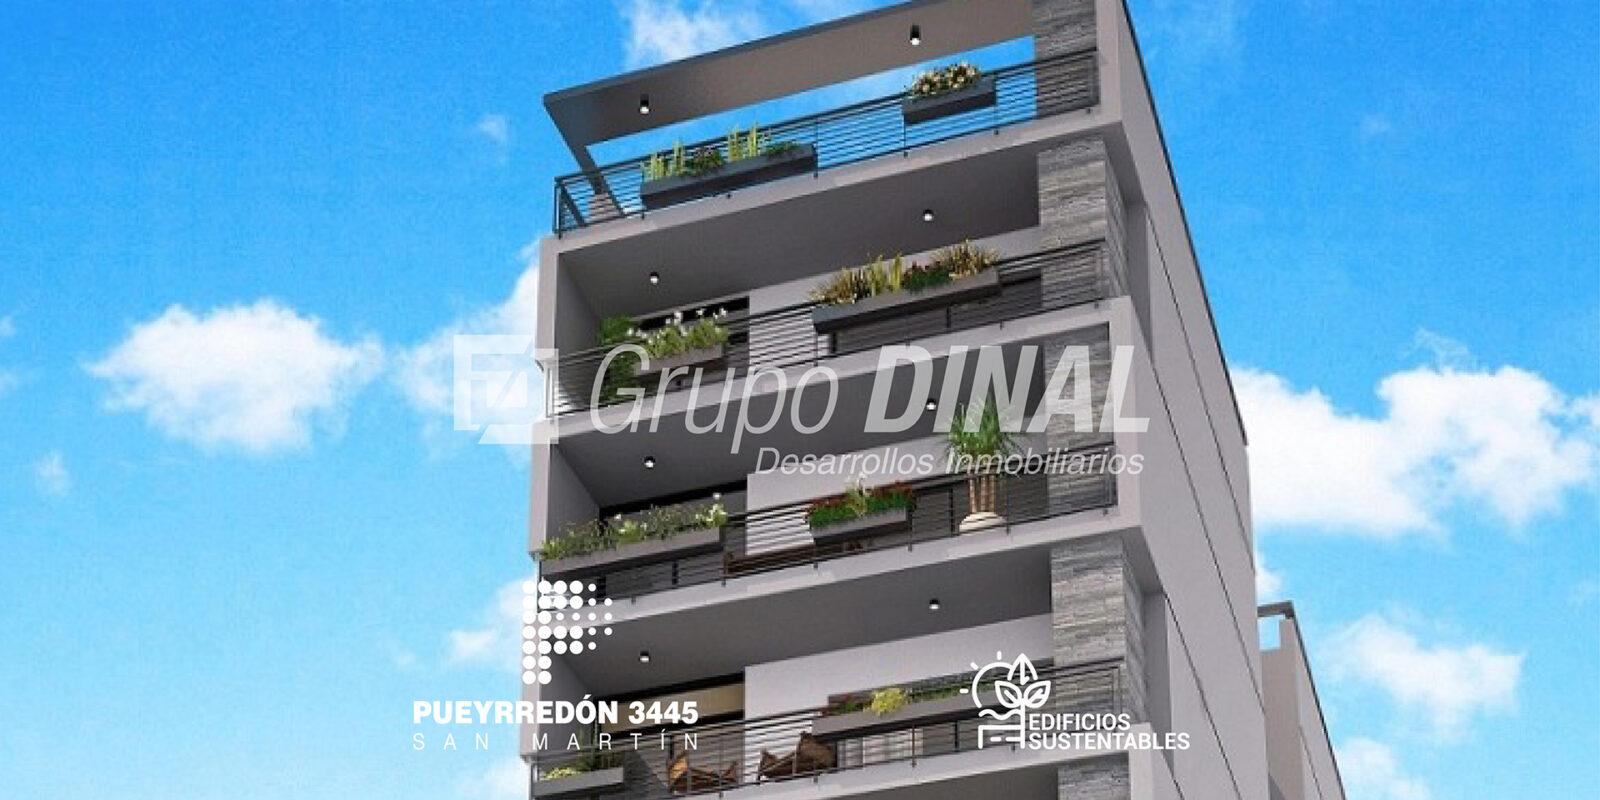 Pueyrredón 3445 | San Martín